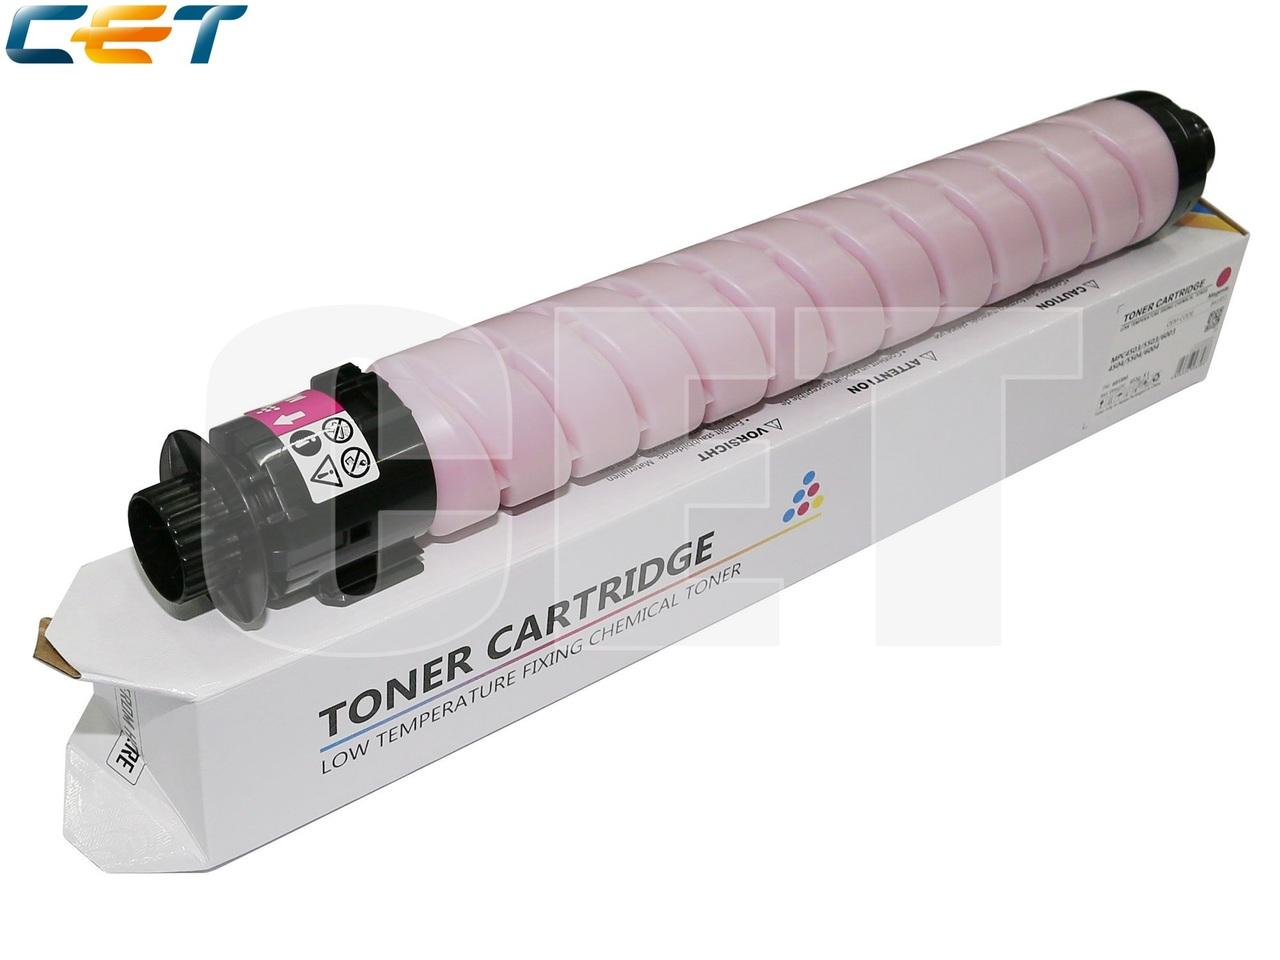 Тонер-картридж (CPP, HT8) 841855 для RICOH AficioMPC4503/5503/6003 (CET) Magenta, (WW), 455г, 22500 стр.,CET6858M